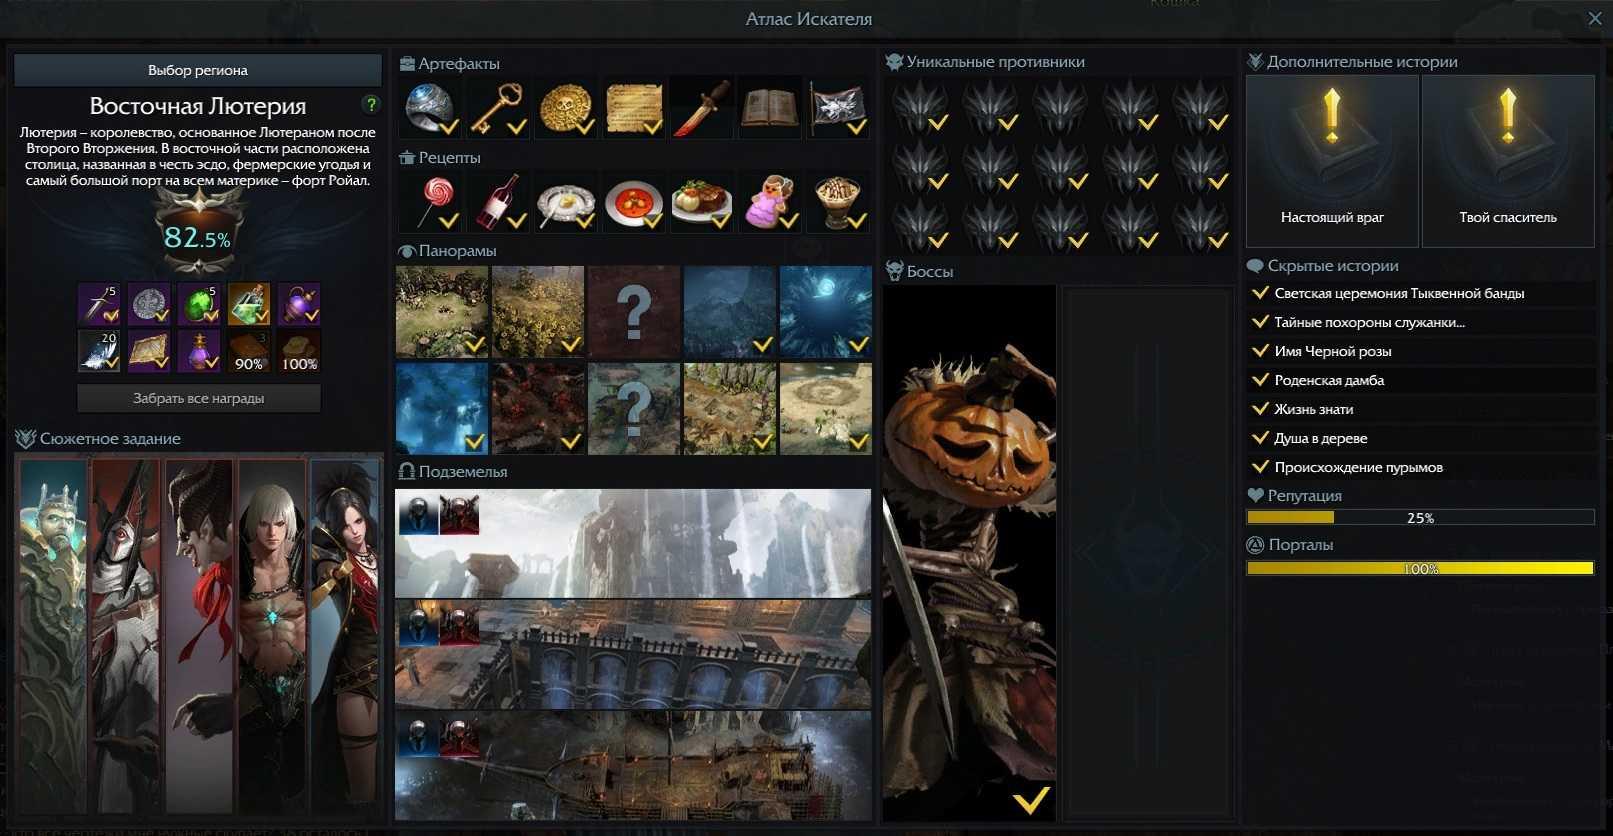 Mistet arkas søgerens atlas. hvordan man lukker alle placeringer 100% | mistet ark